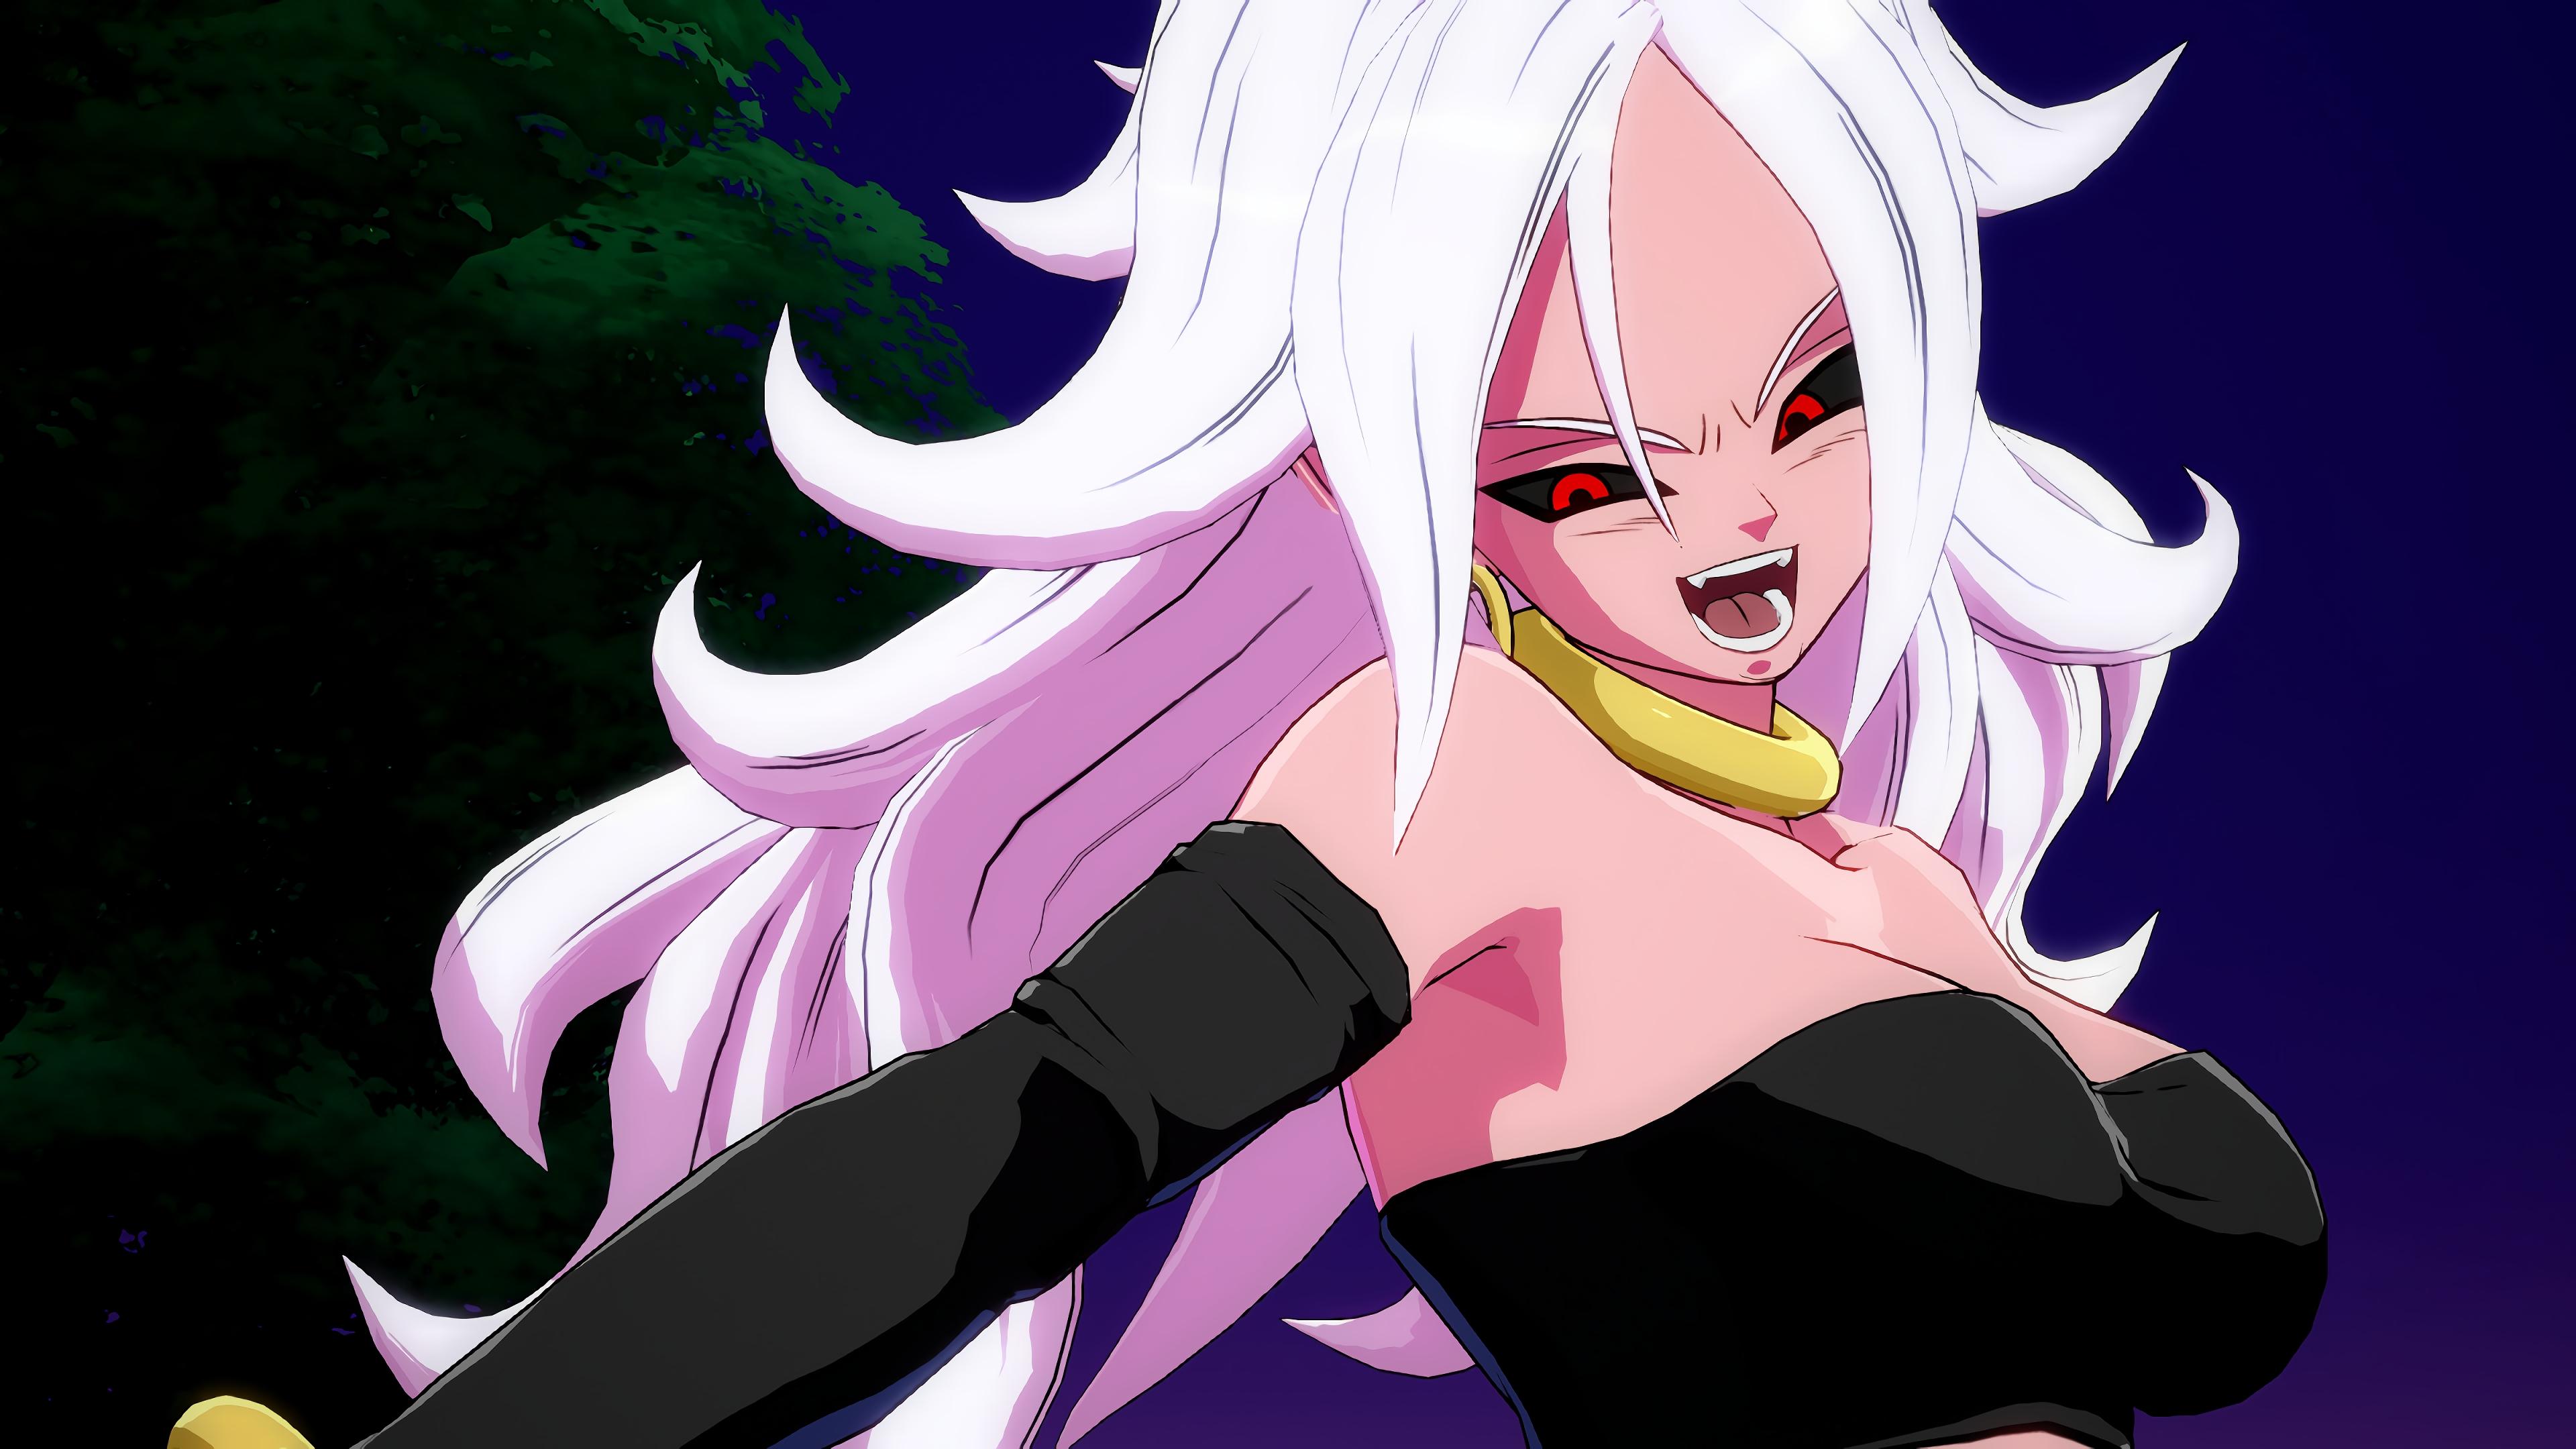 Majin Android 21 Wallpaper 2266922 Zerochan Anime Image Board